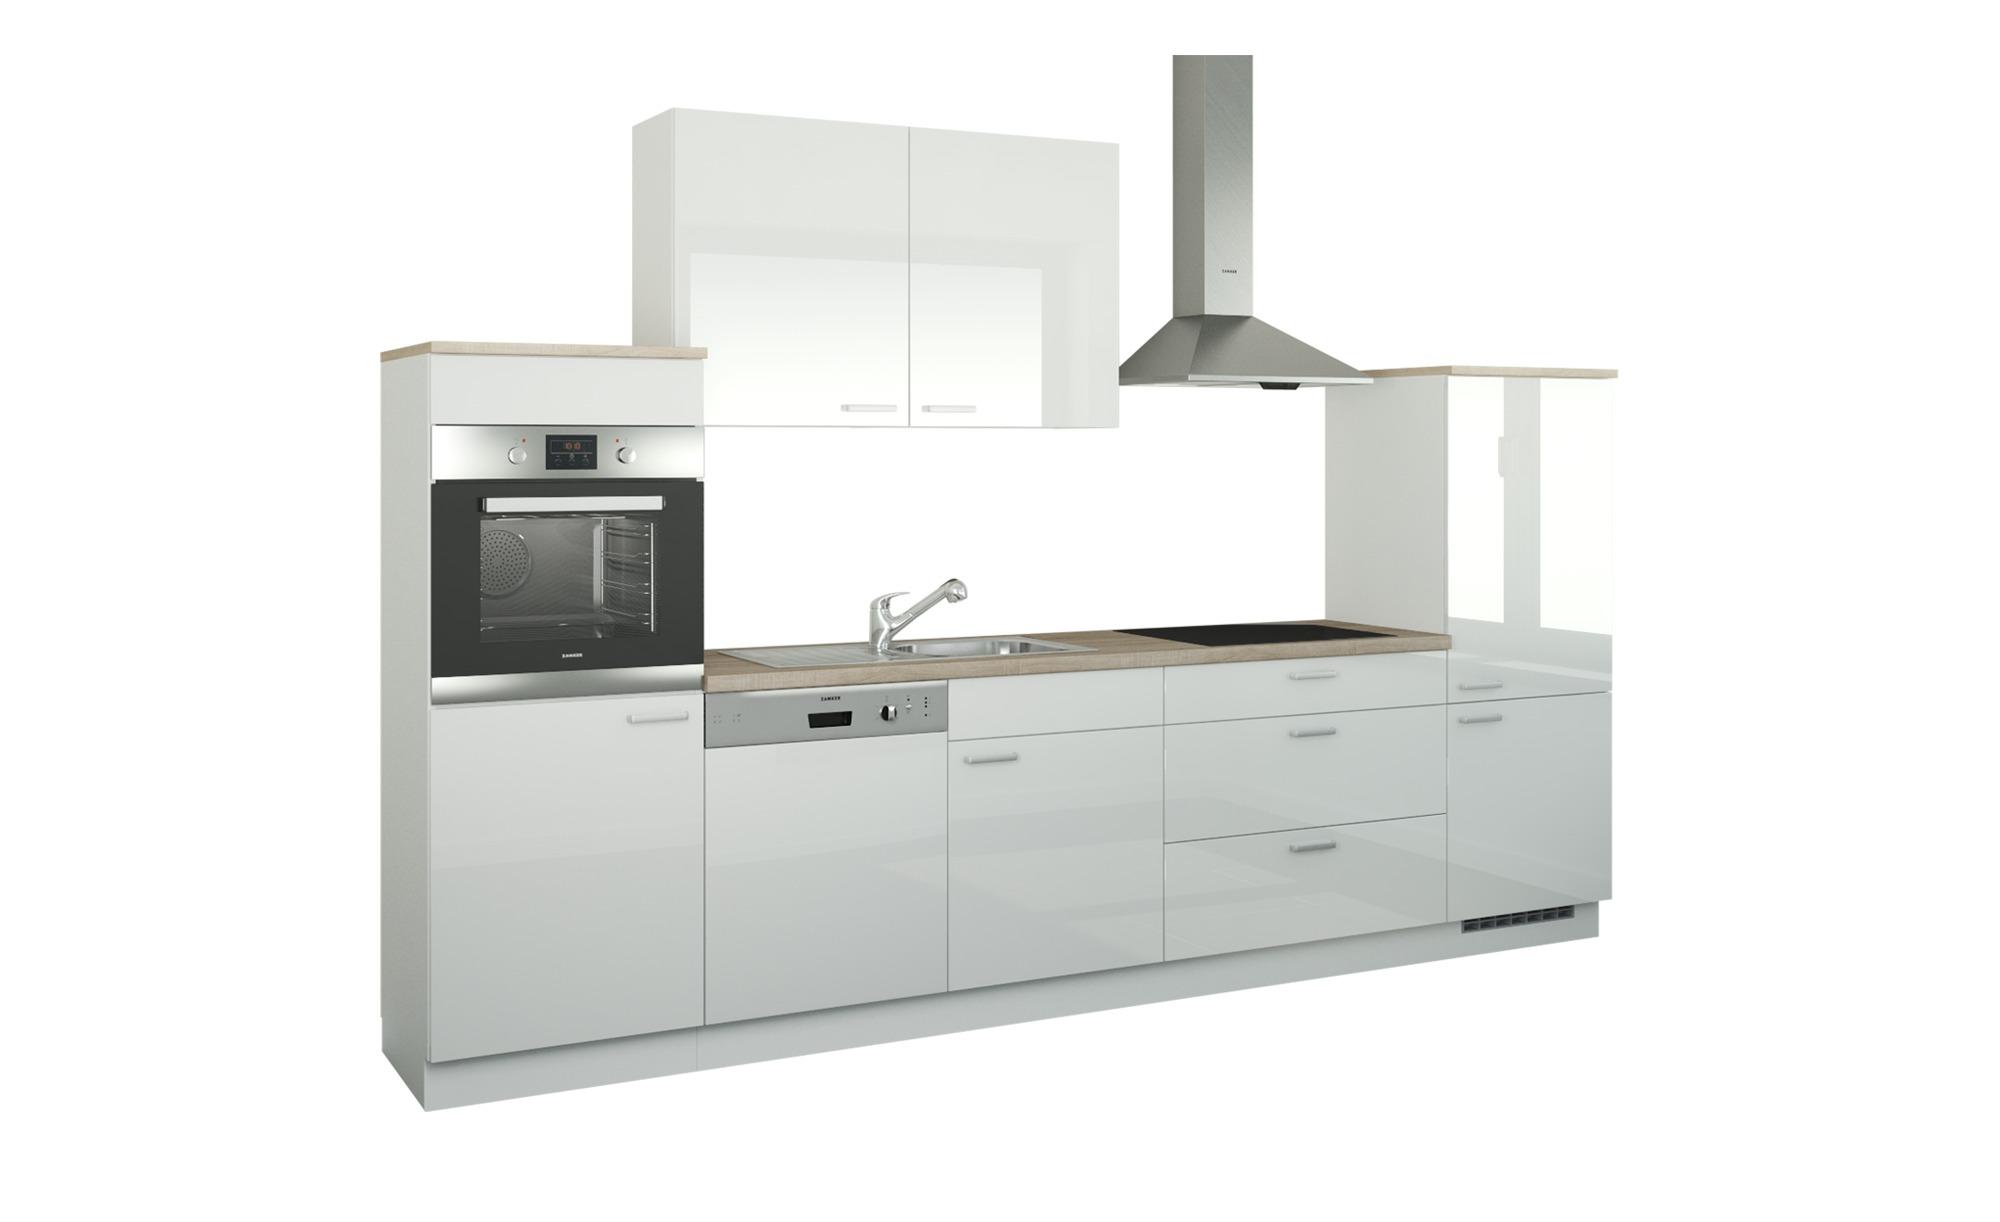 Küchenzeile ohne Elektrogeräte  Neuss ¦ weiß ¦ Maße (cm): B: 330 Küchen > Küchenblöcke - Höffner | Küche und Esszimmer > Küchen > Küchenzeilen | Möbel Höffner DE